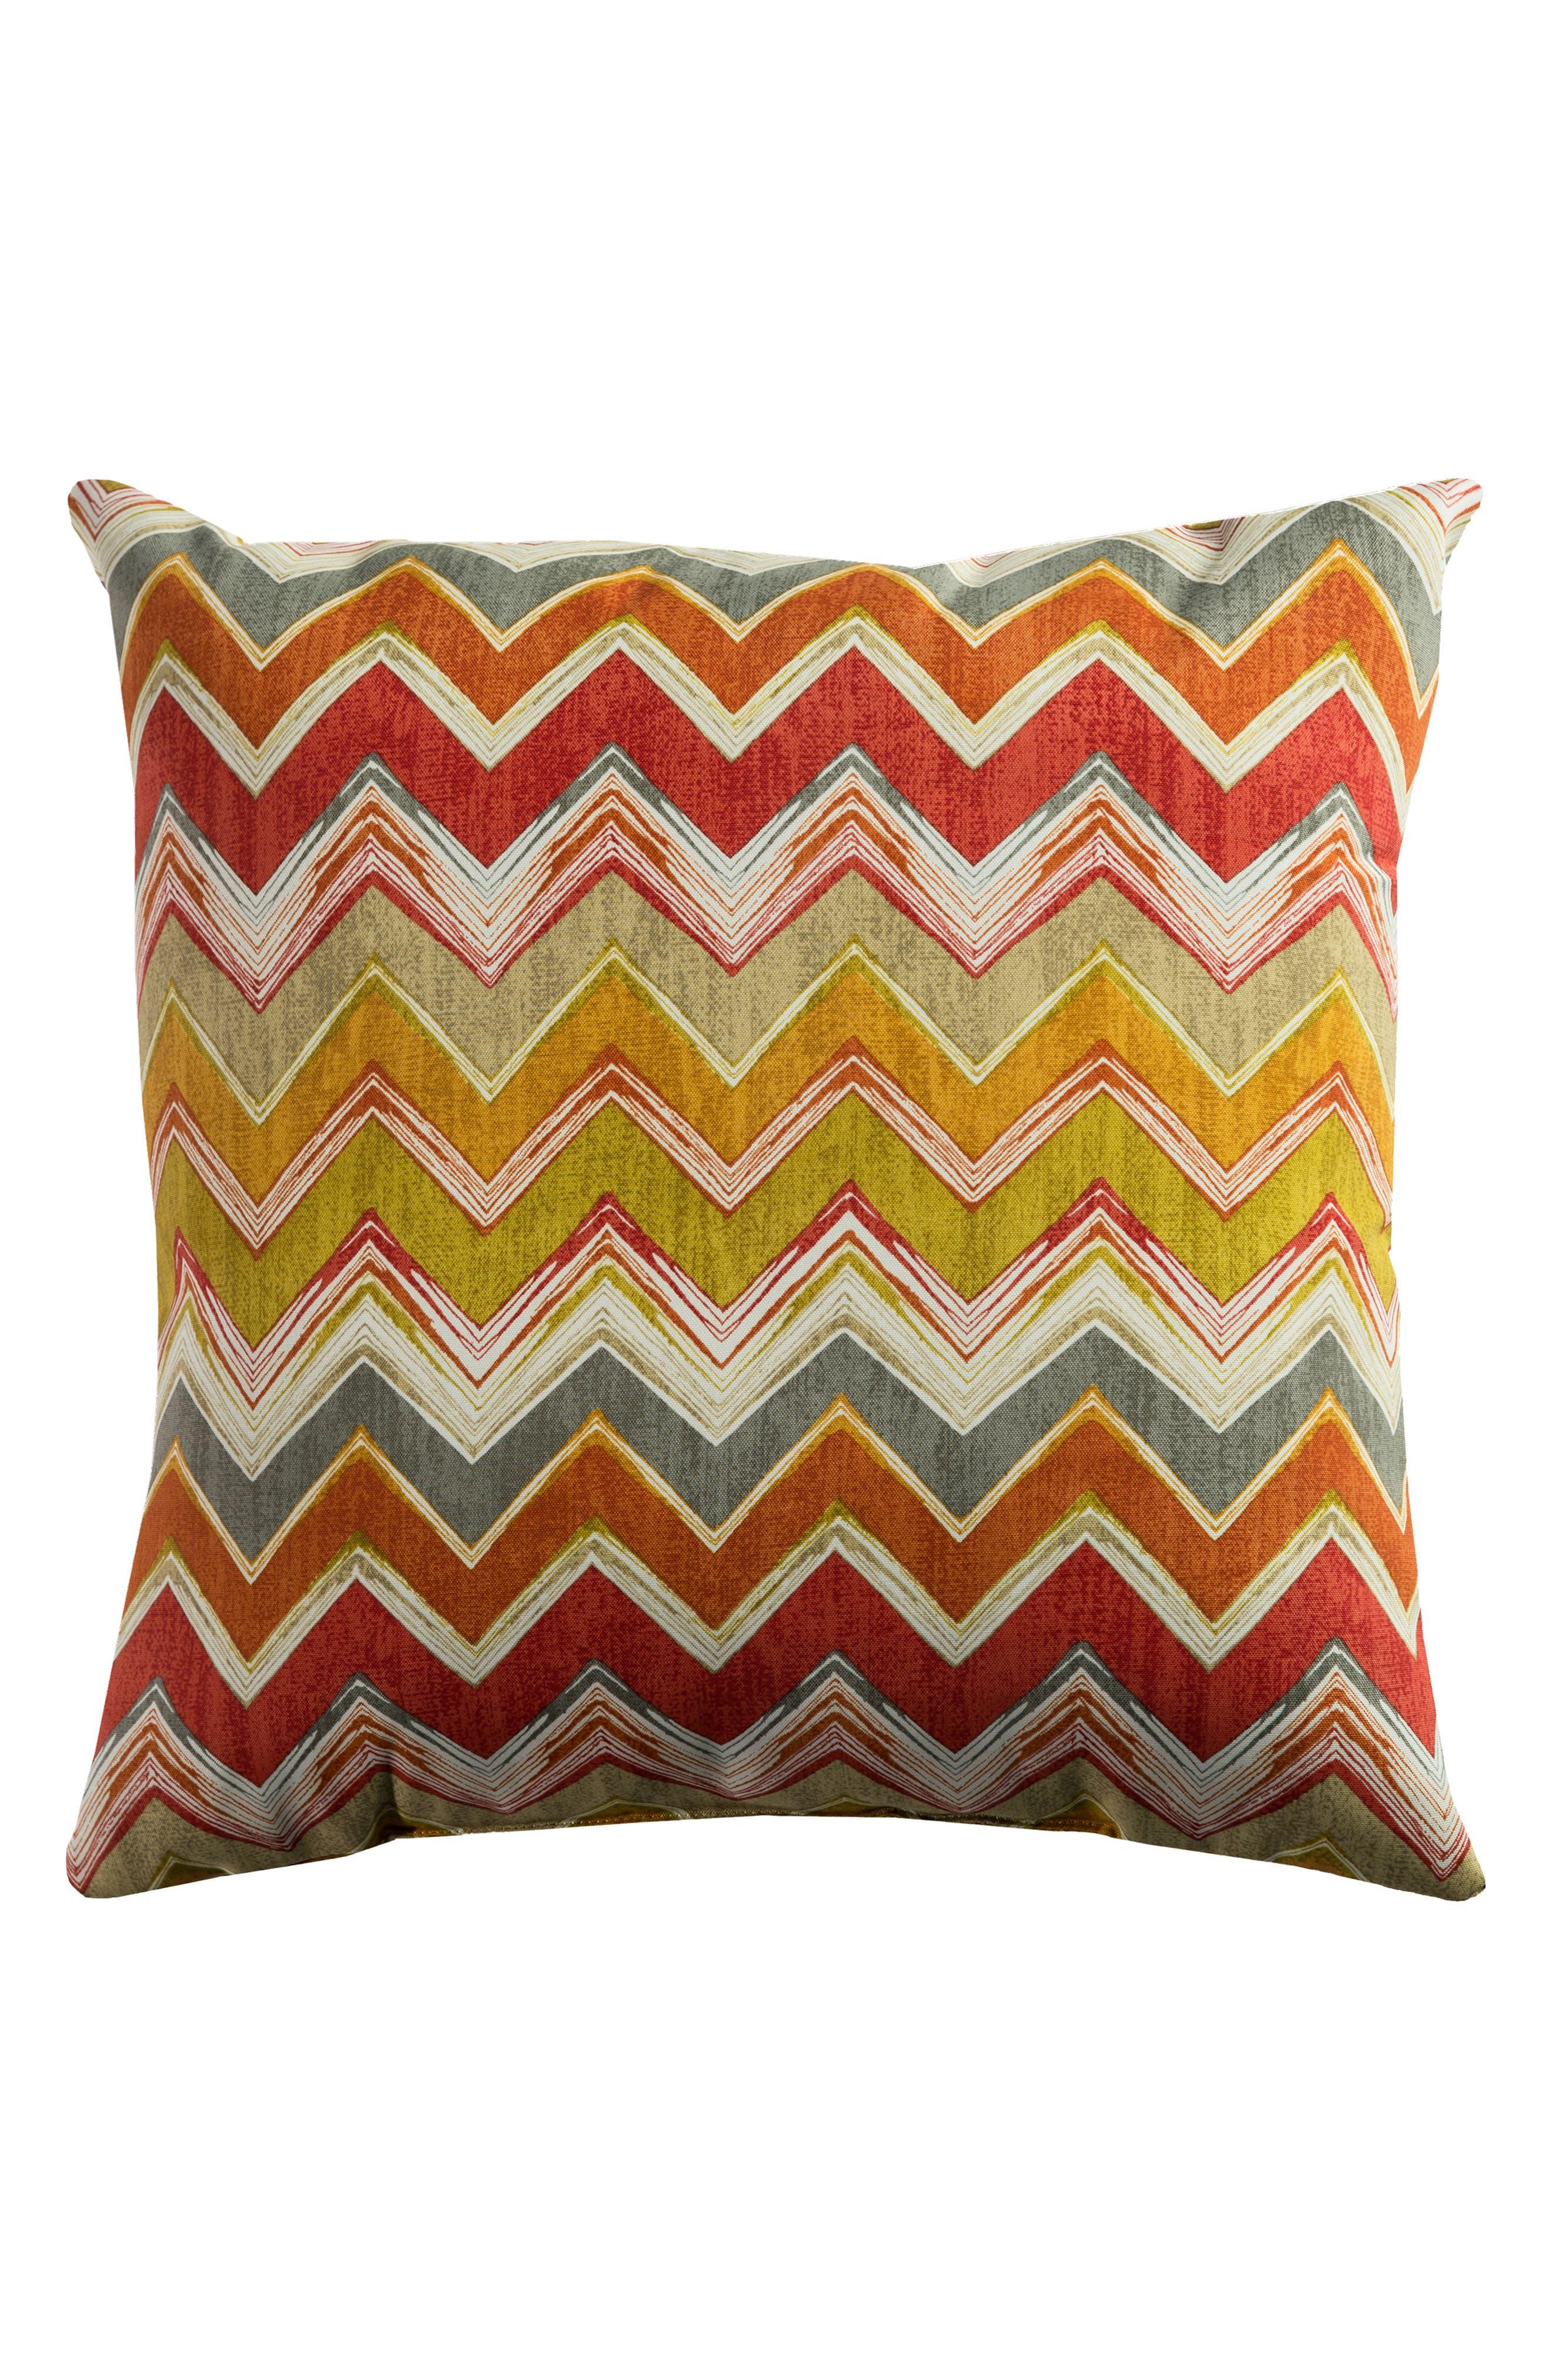 Chevron Outdoor Pillow,                             Main thumbnail 1, color,                             Orange/ Green